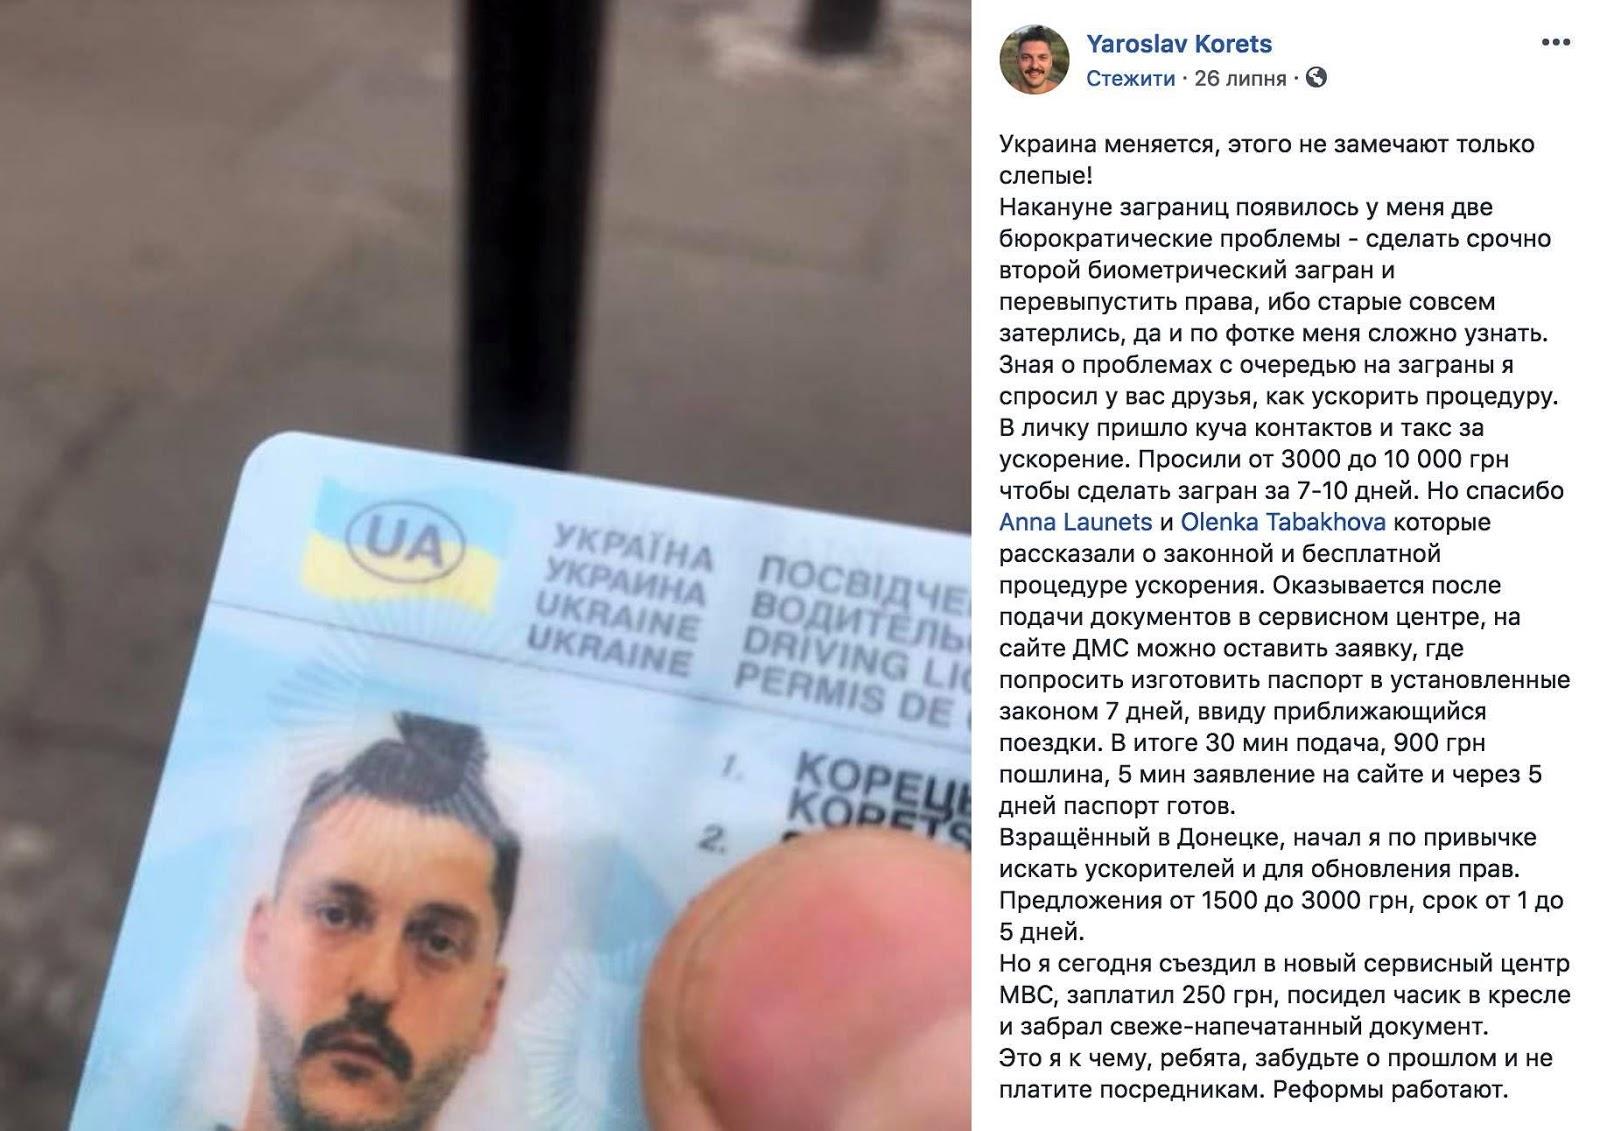 Как быстро оформить в Украине загранпаспорт и водительские права